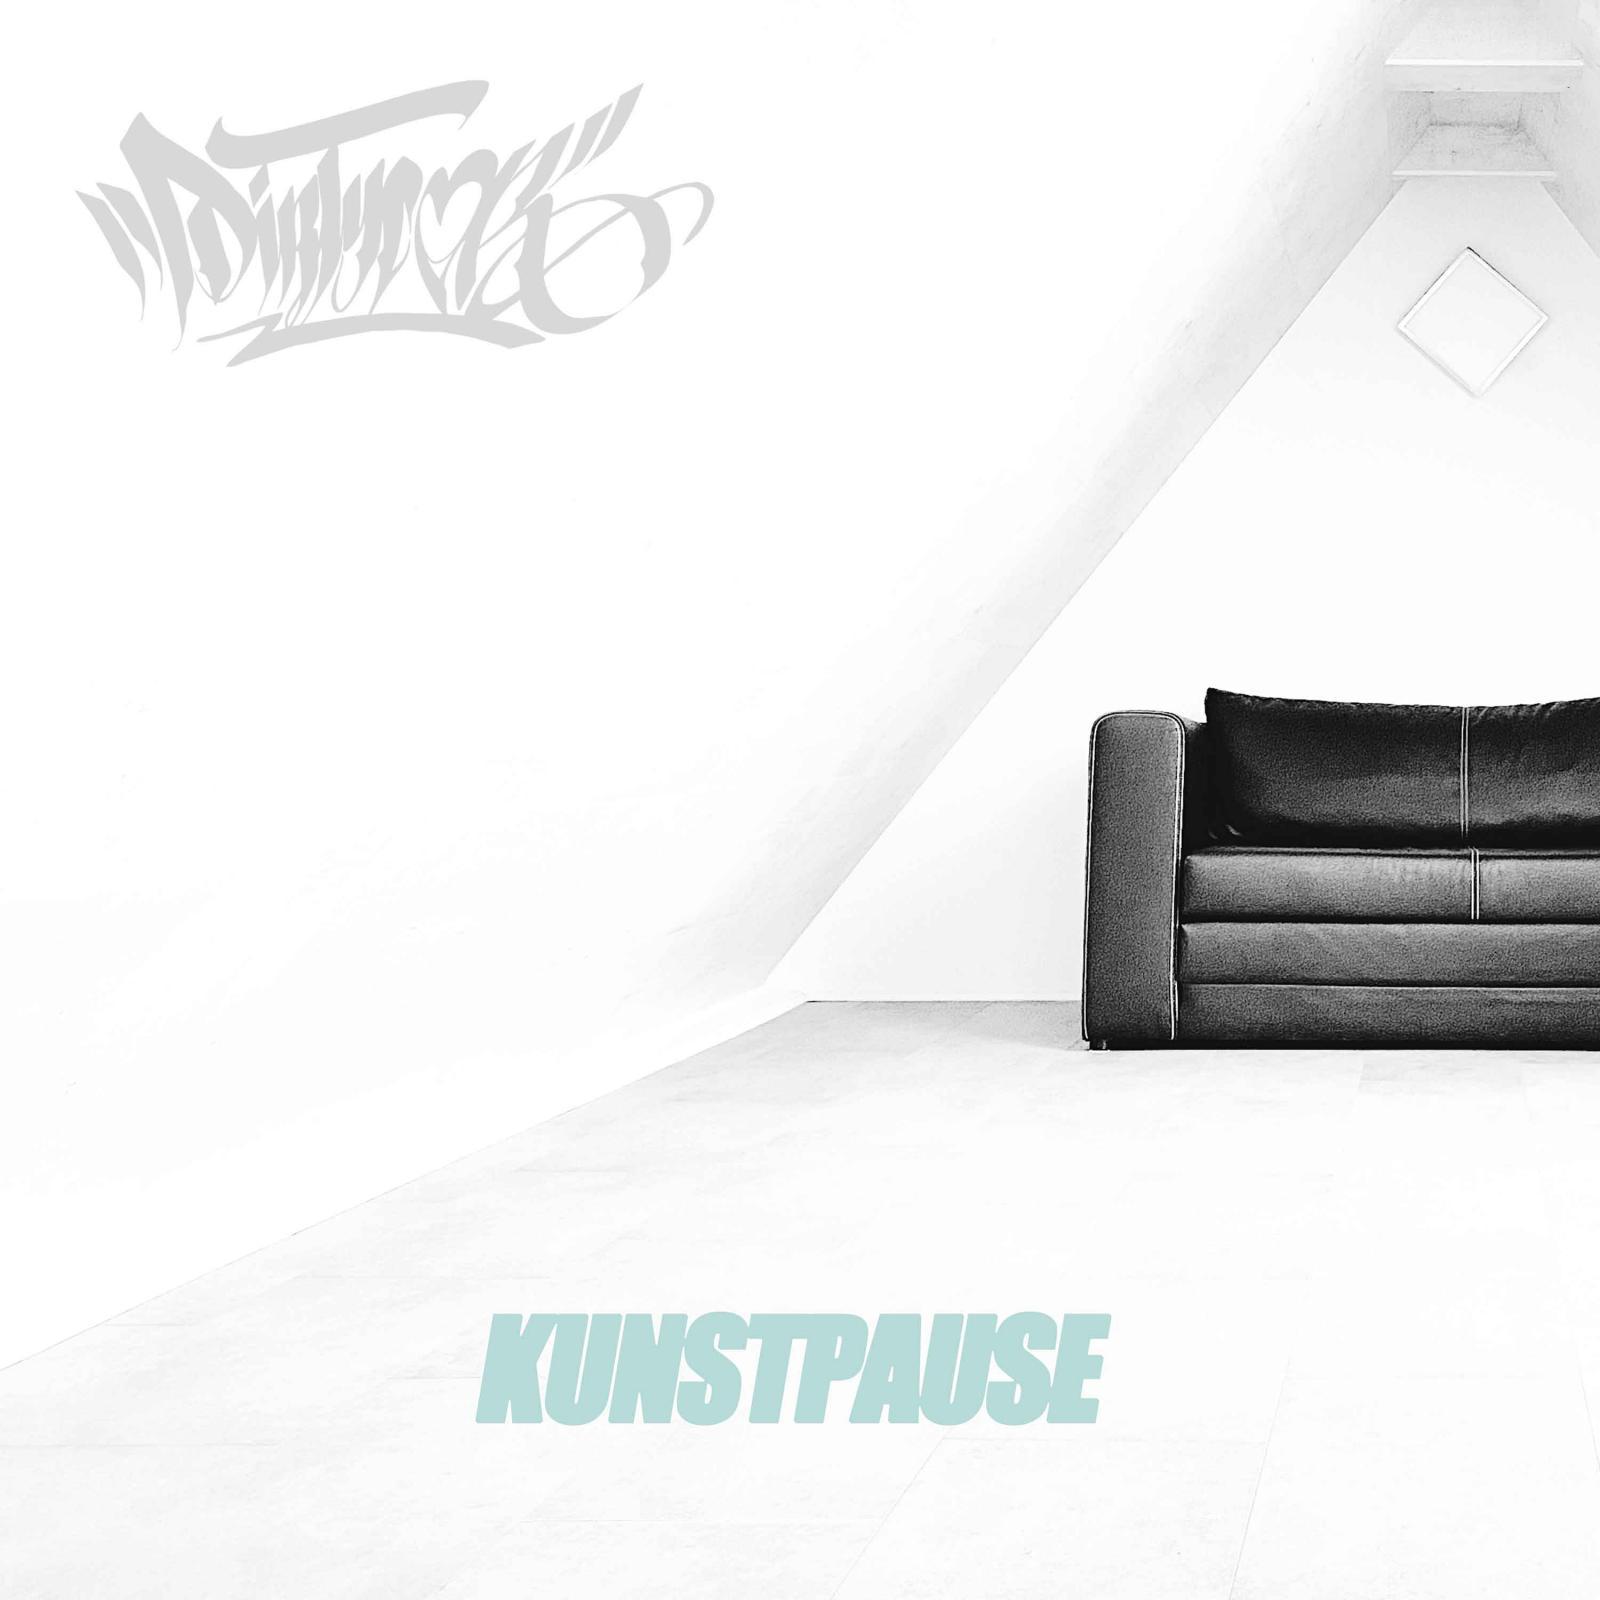 Upcoming: DIRTYCOR - Kunstpause